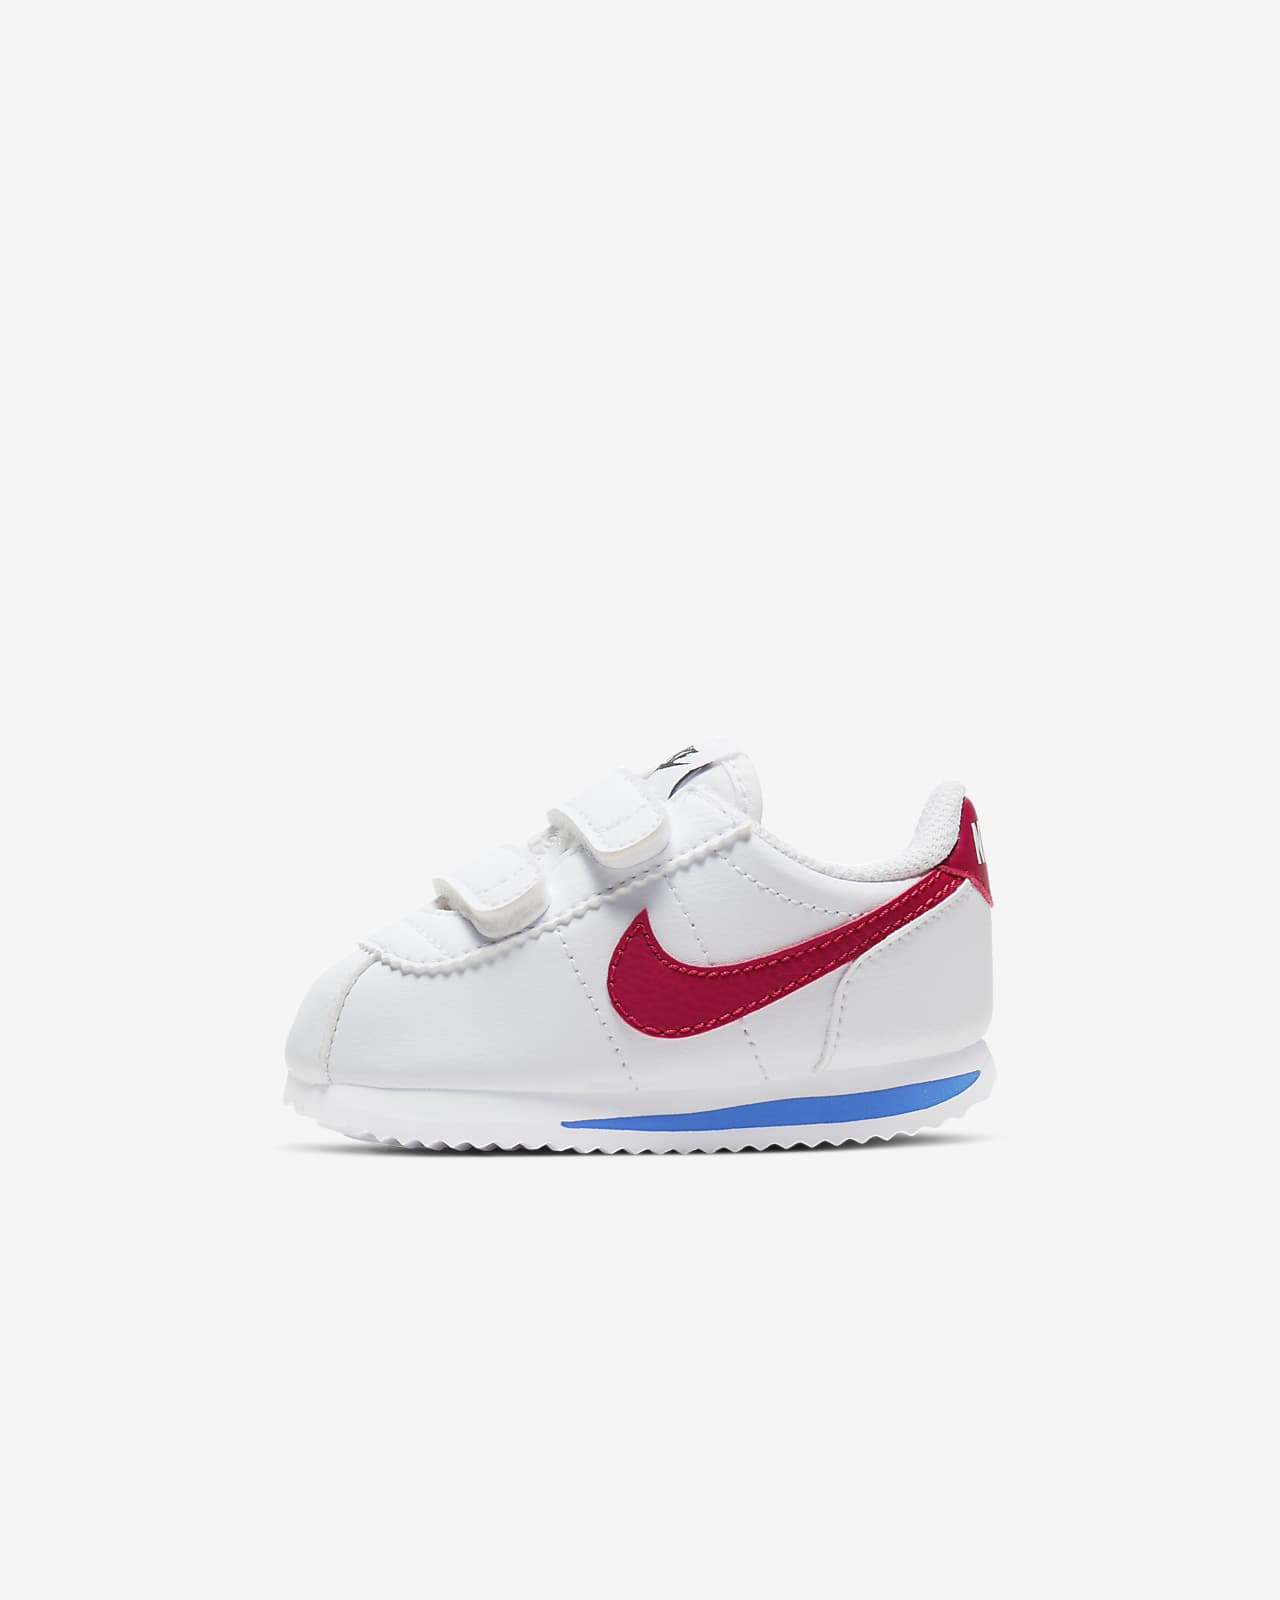 Nike Cortez Basic Baby/Toddler Shoe